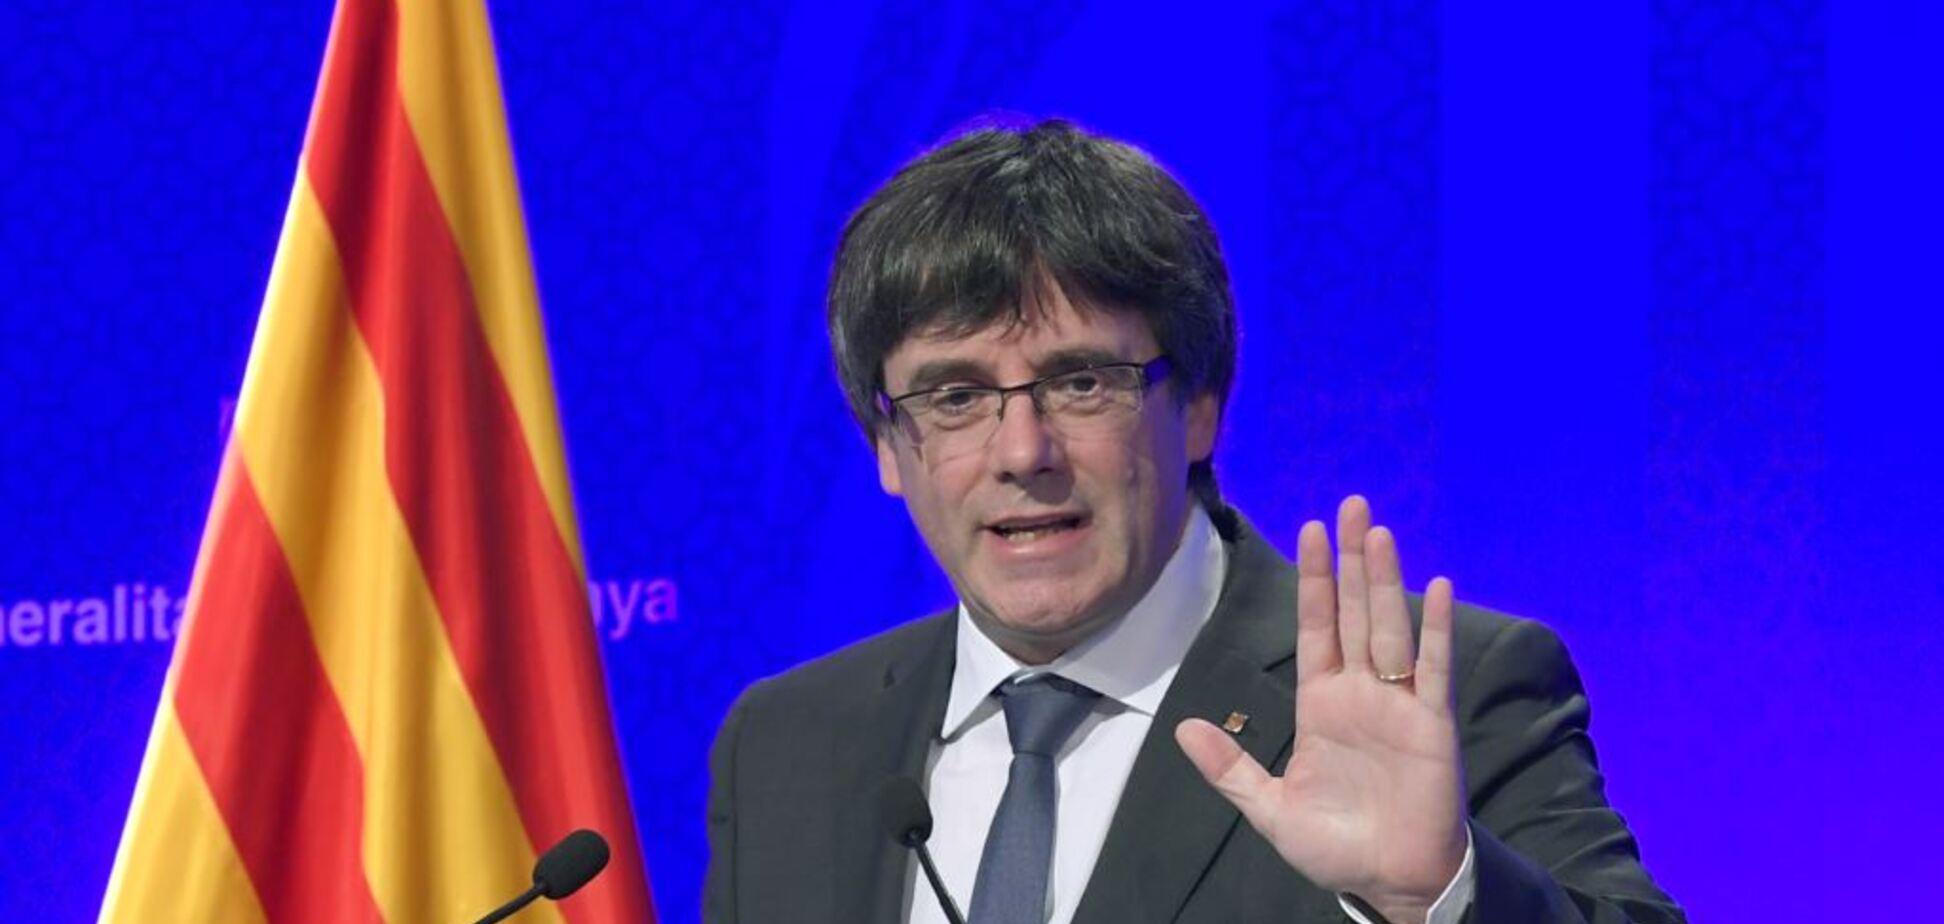 Экс-лидера Каталонии Пучдемона выпустили на свободу